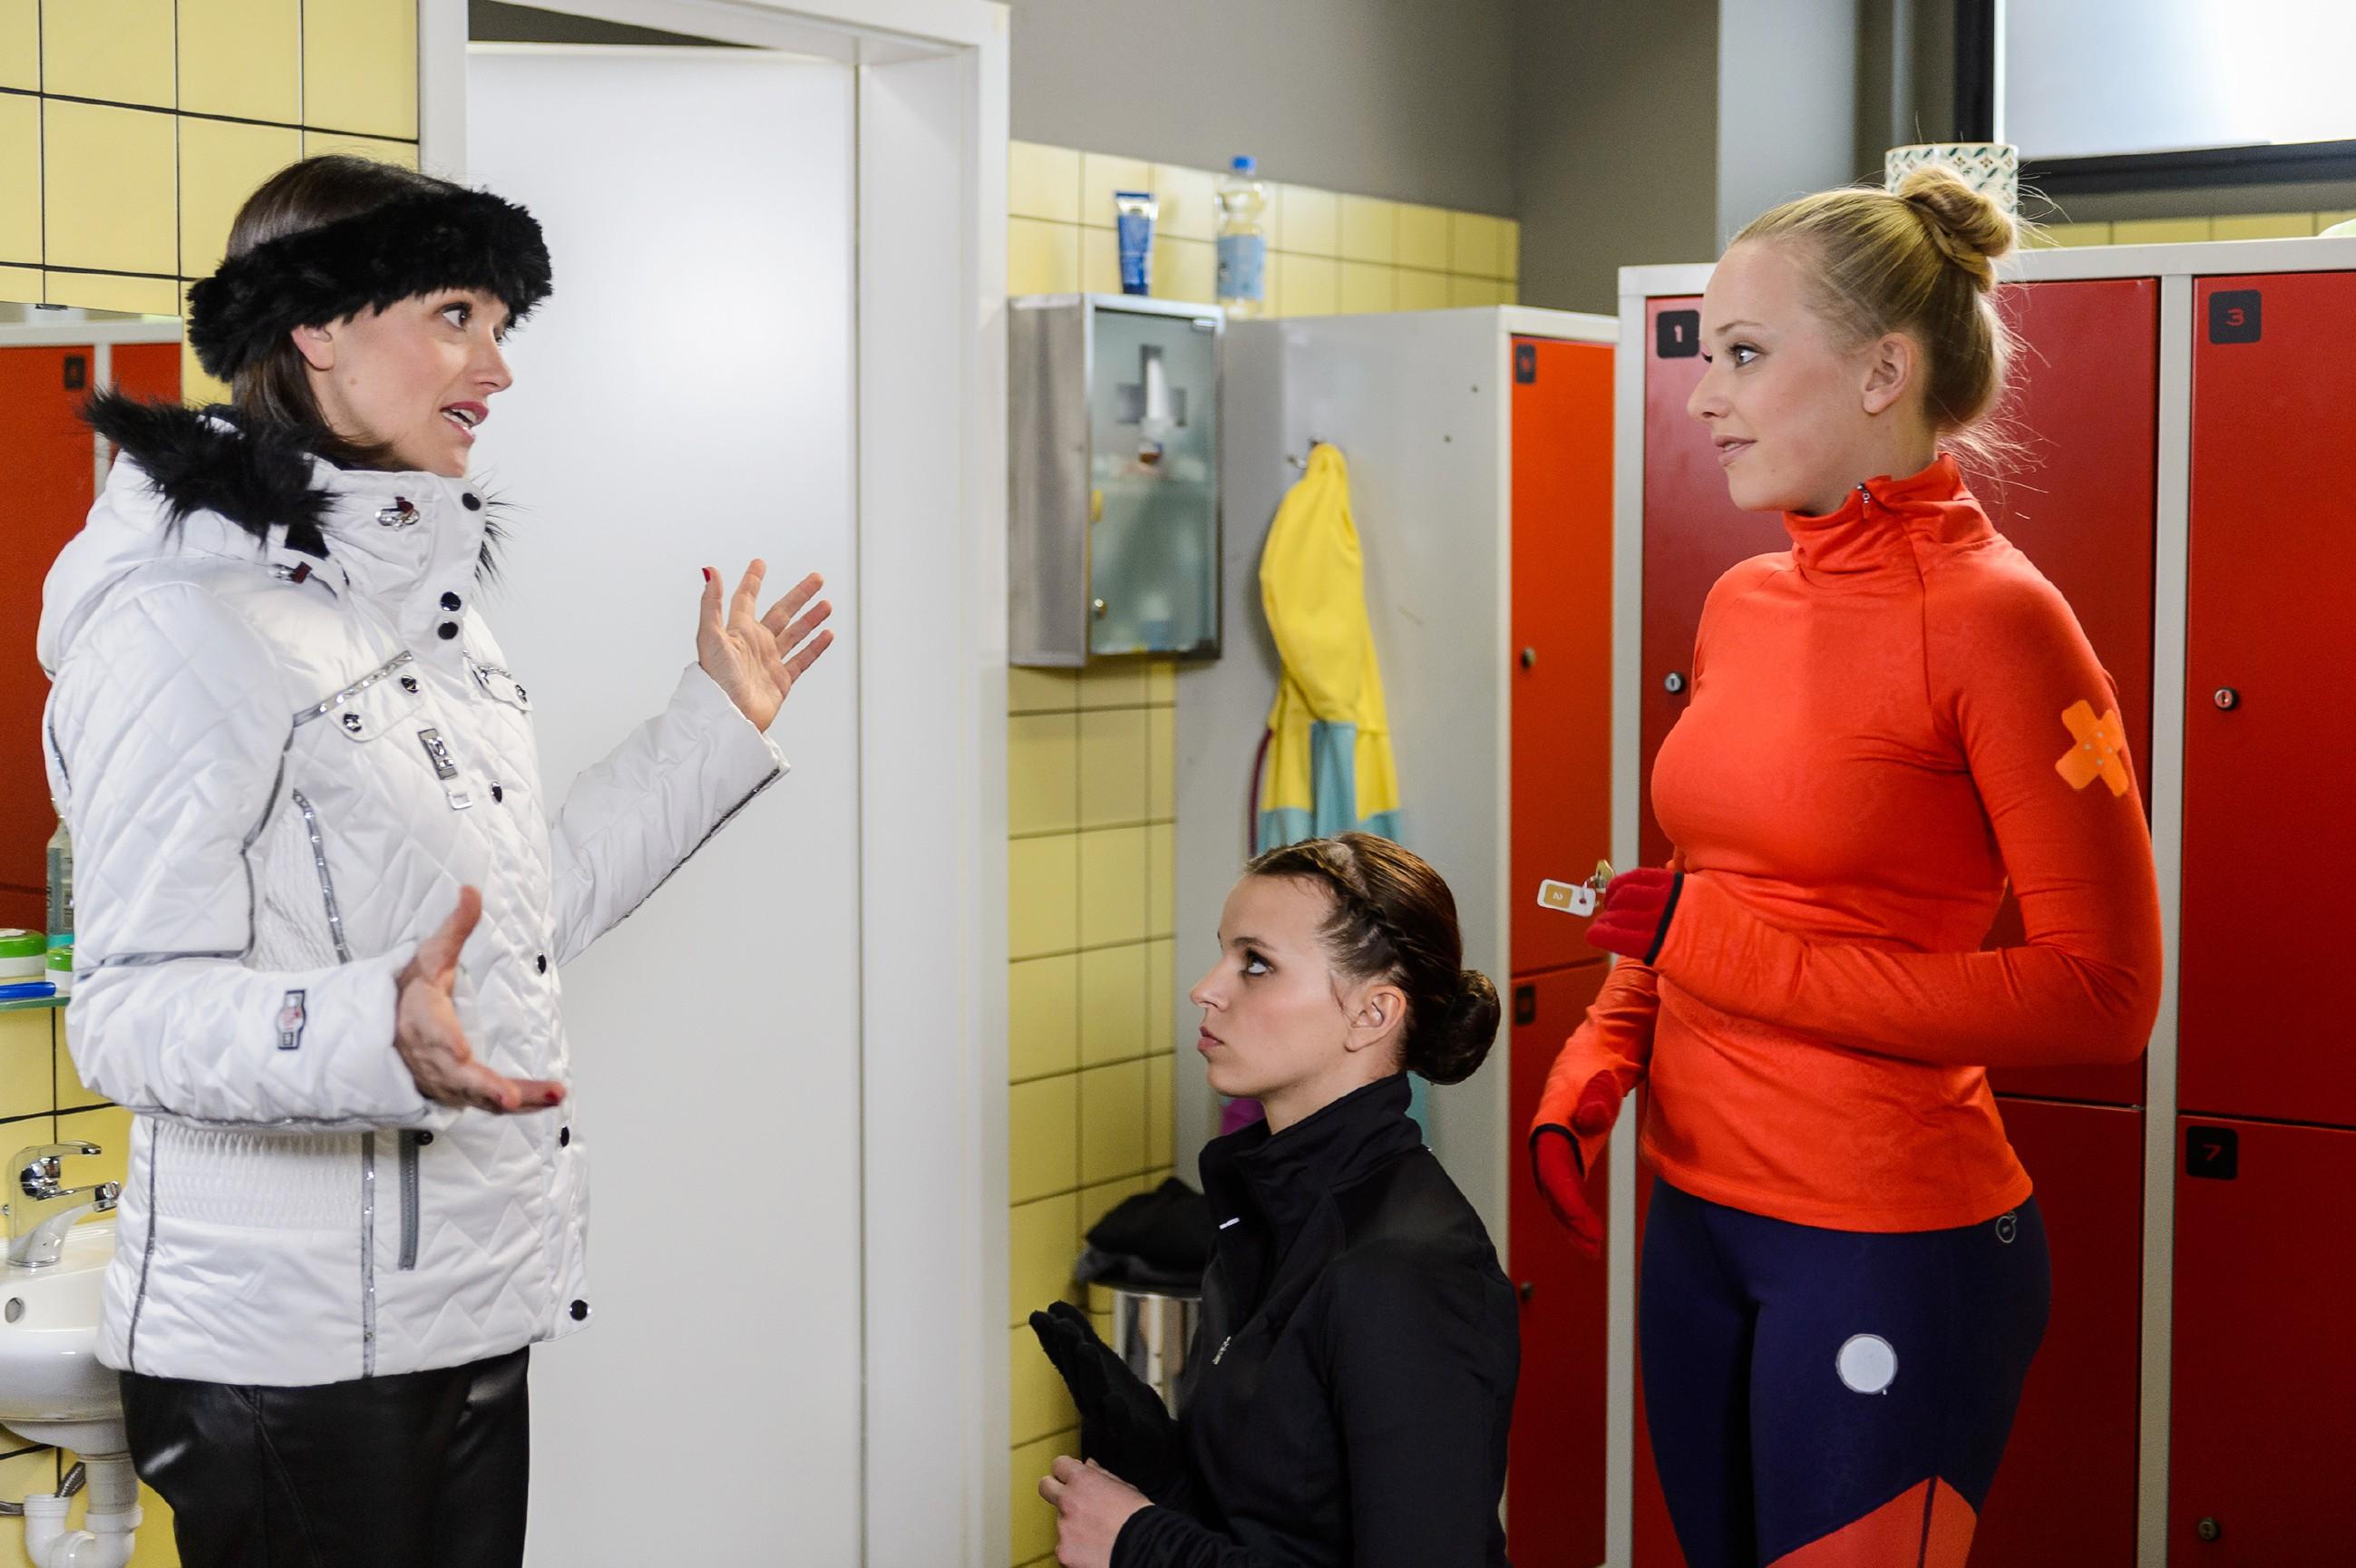 Marie (Judith Neumann, r.) lässt sich auf im Beisein von Jenny (Kaja Schmidt-Tychsen, l.) nicht von Michelle (Franziska Benz) provozieren. (Quelle: RTL / Willi Weber)